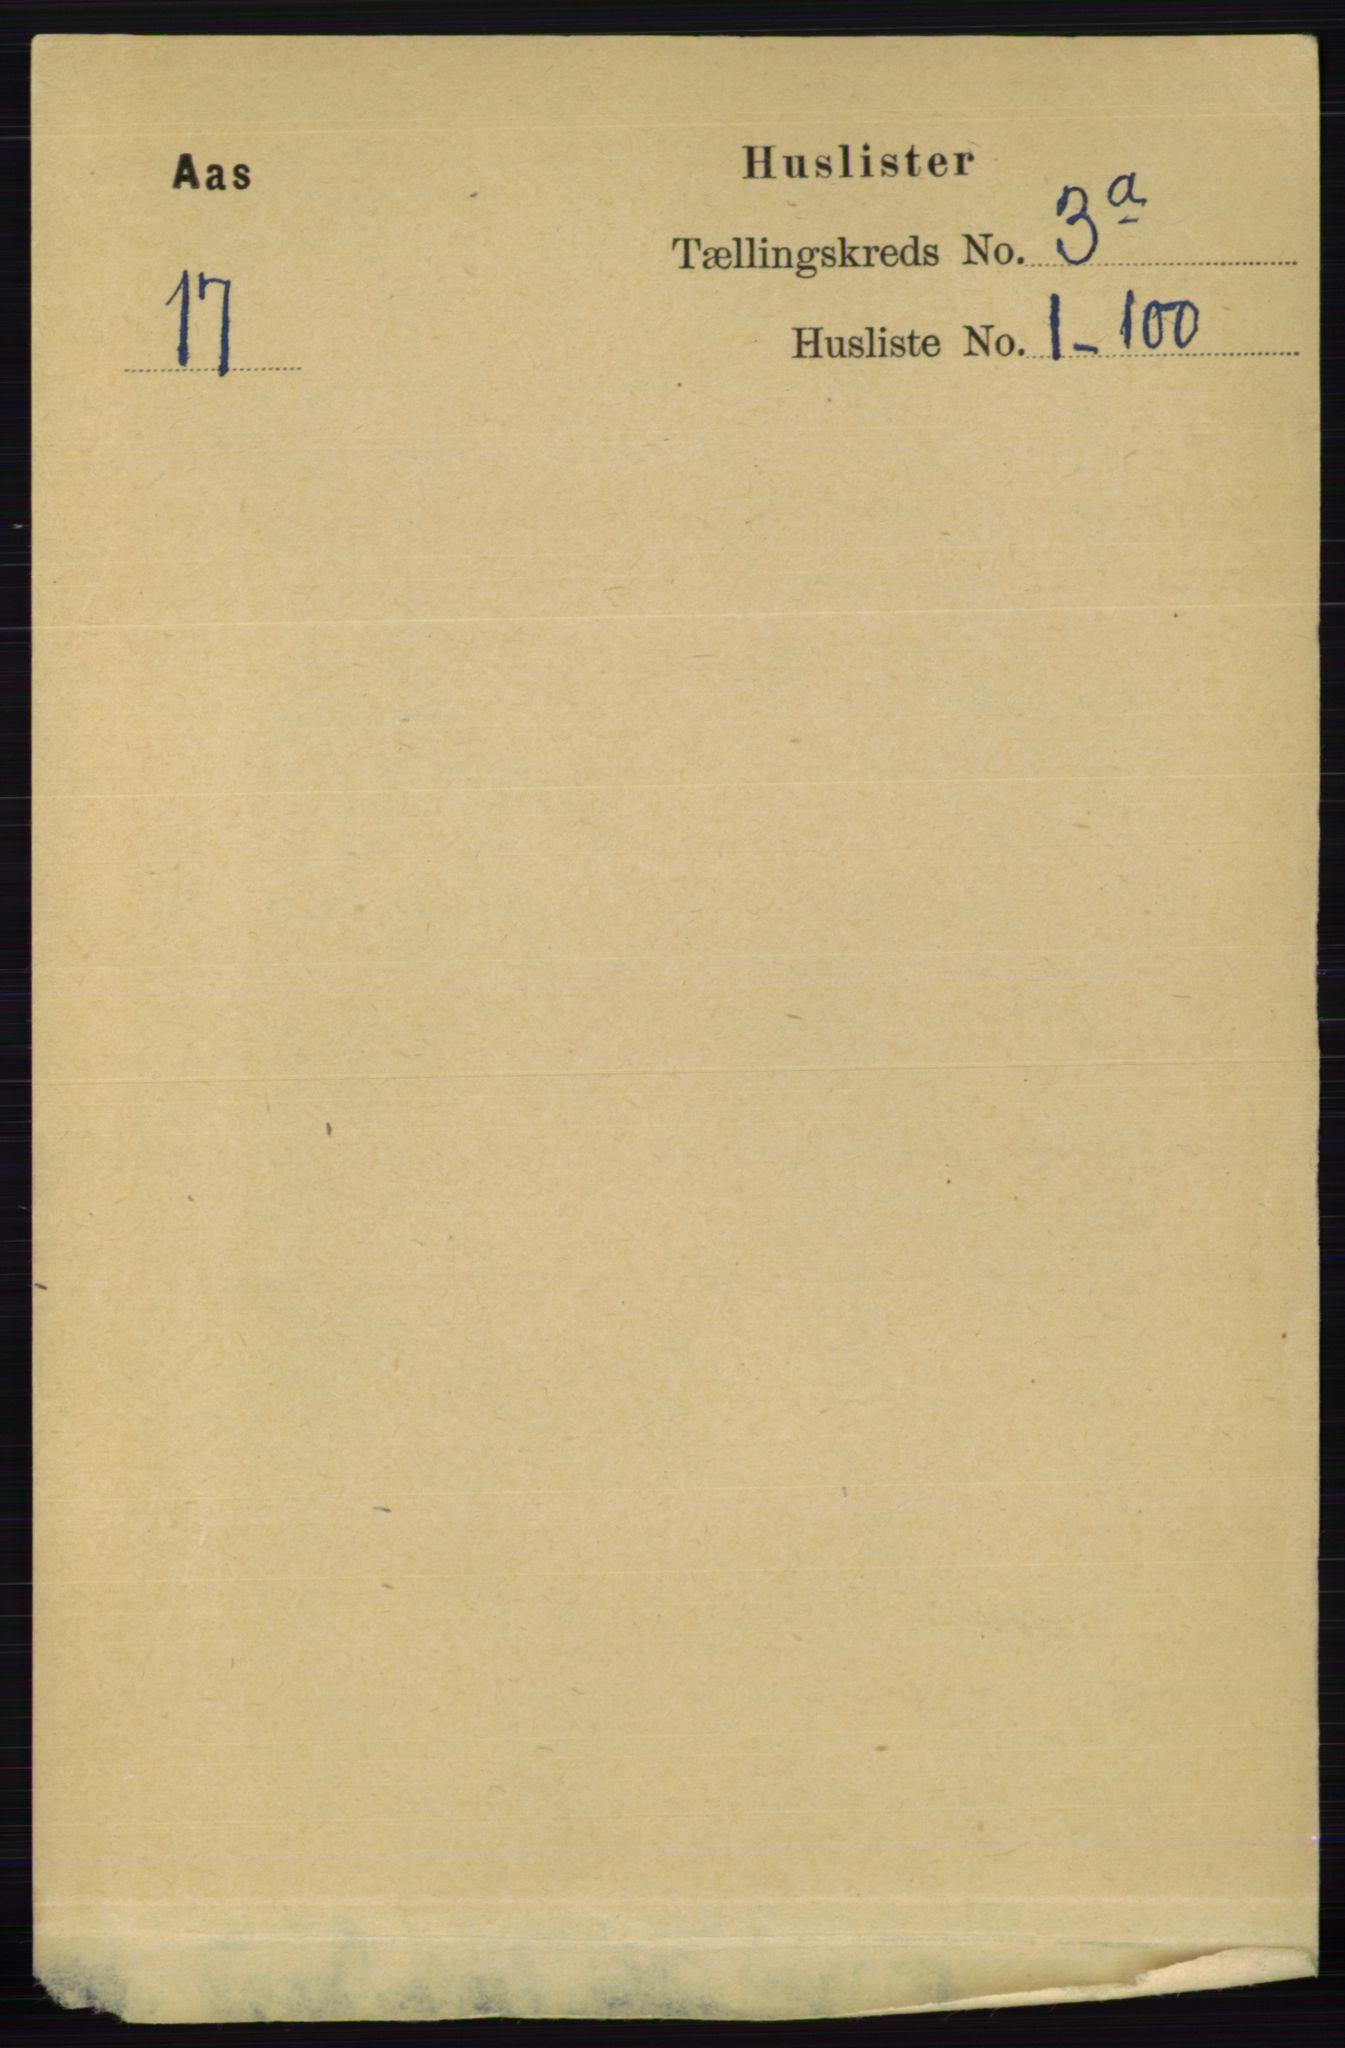 RA, Folketelling 1891 for 0214 Ås herred, 1891, s. 2024